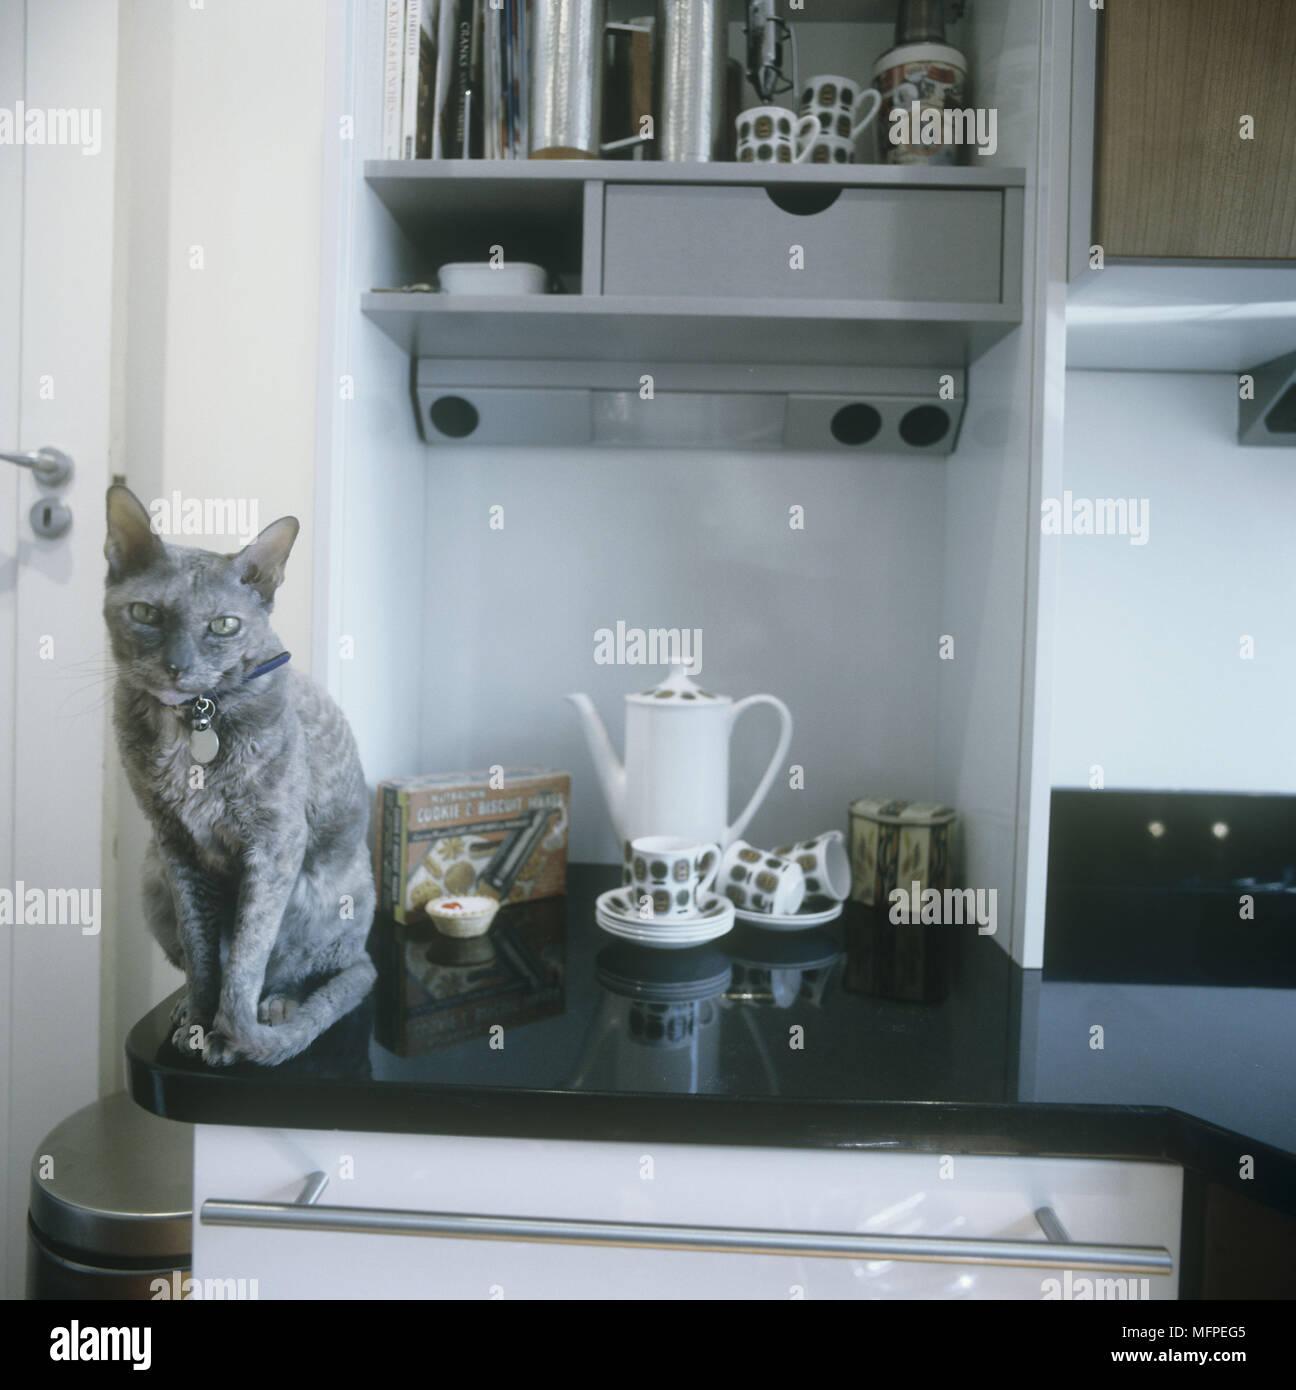 Ziemlich 50 S Retro Küchenschränke Fotos - Küchenschrank Ideen ...